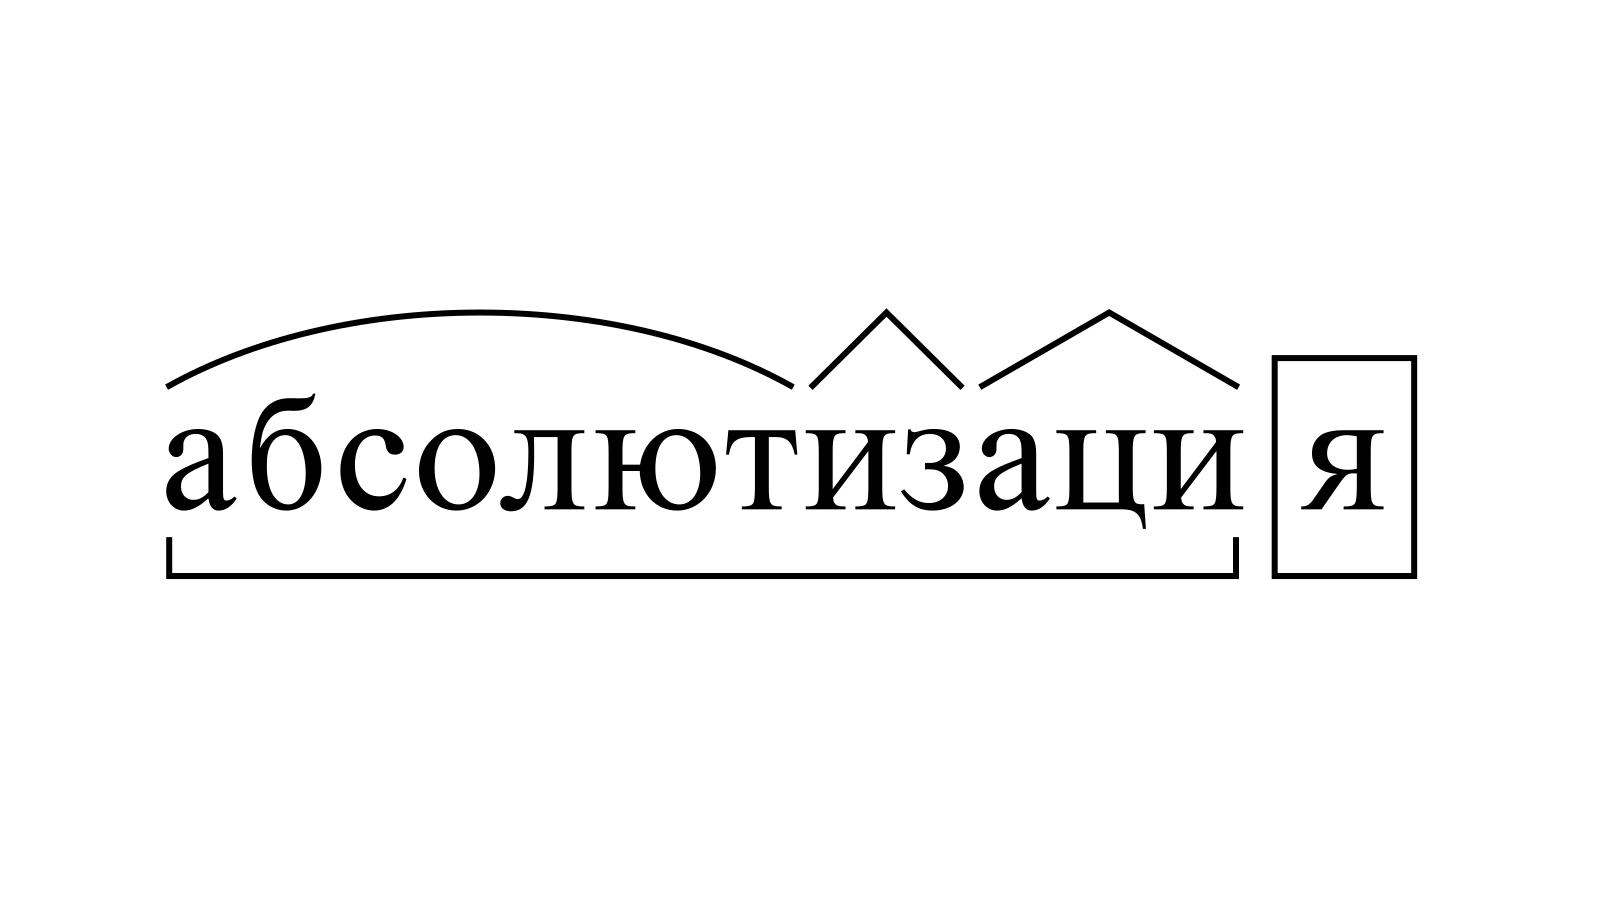 Разбор слова «абсолютизация» по составу